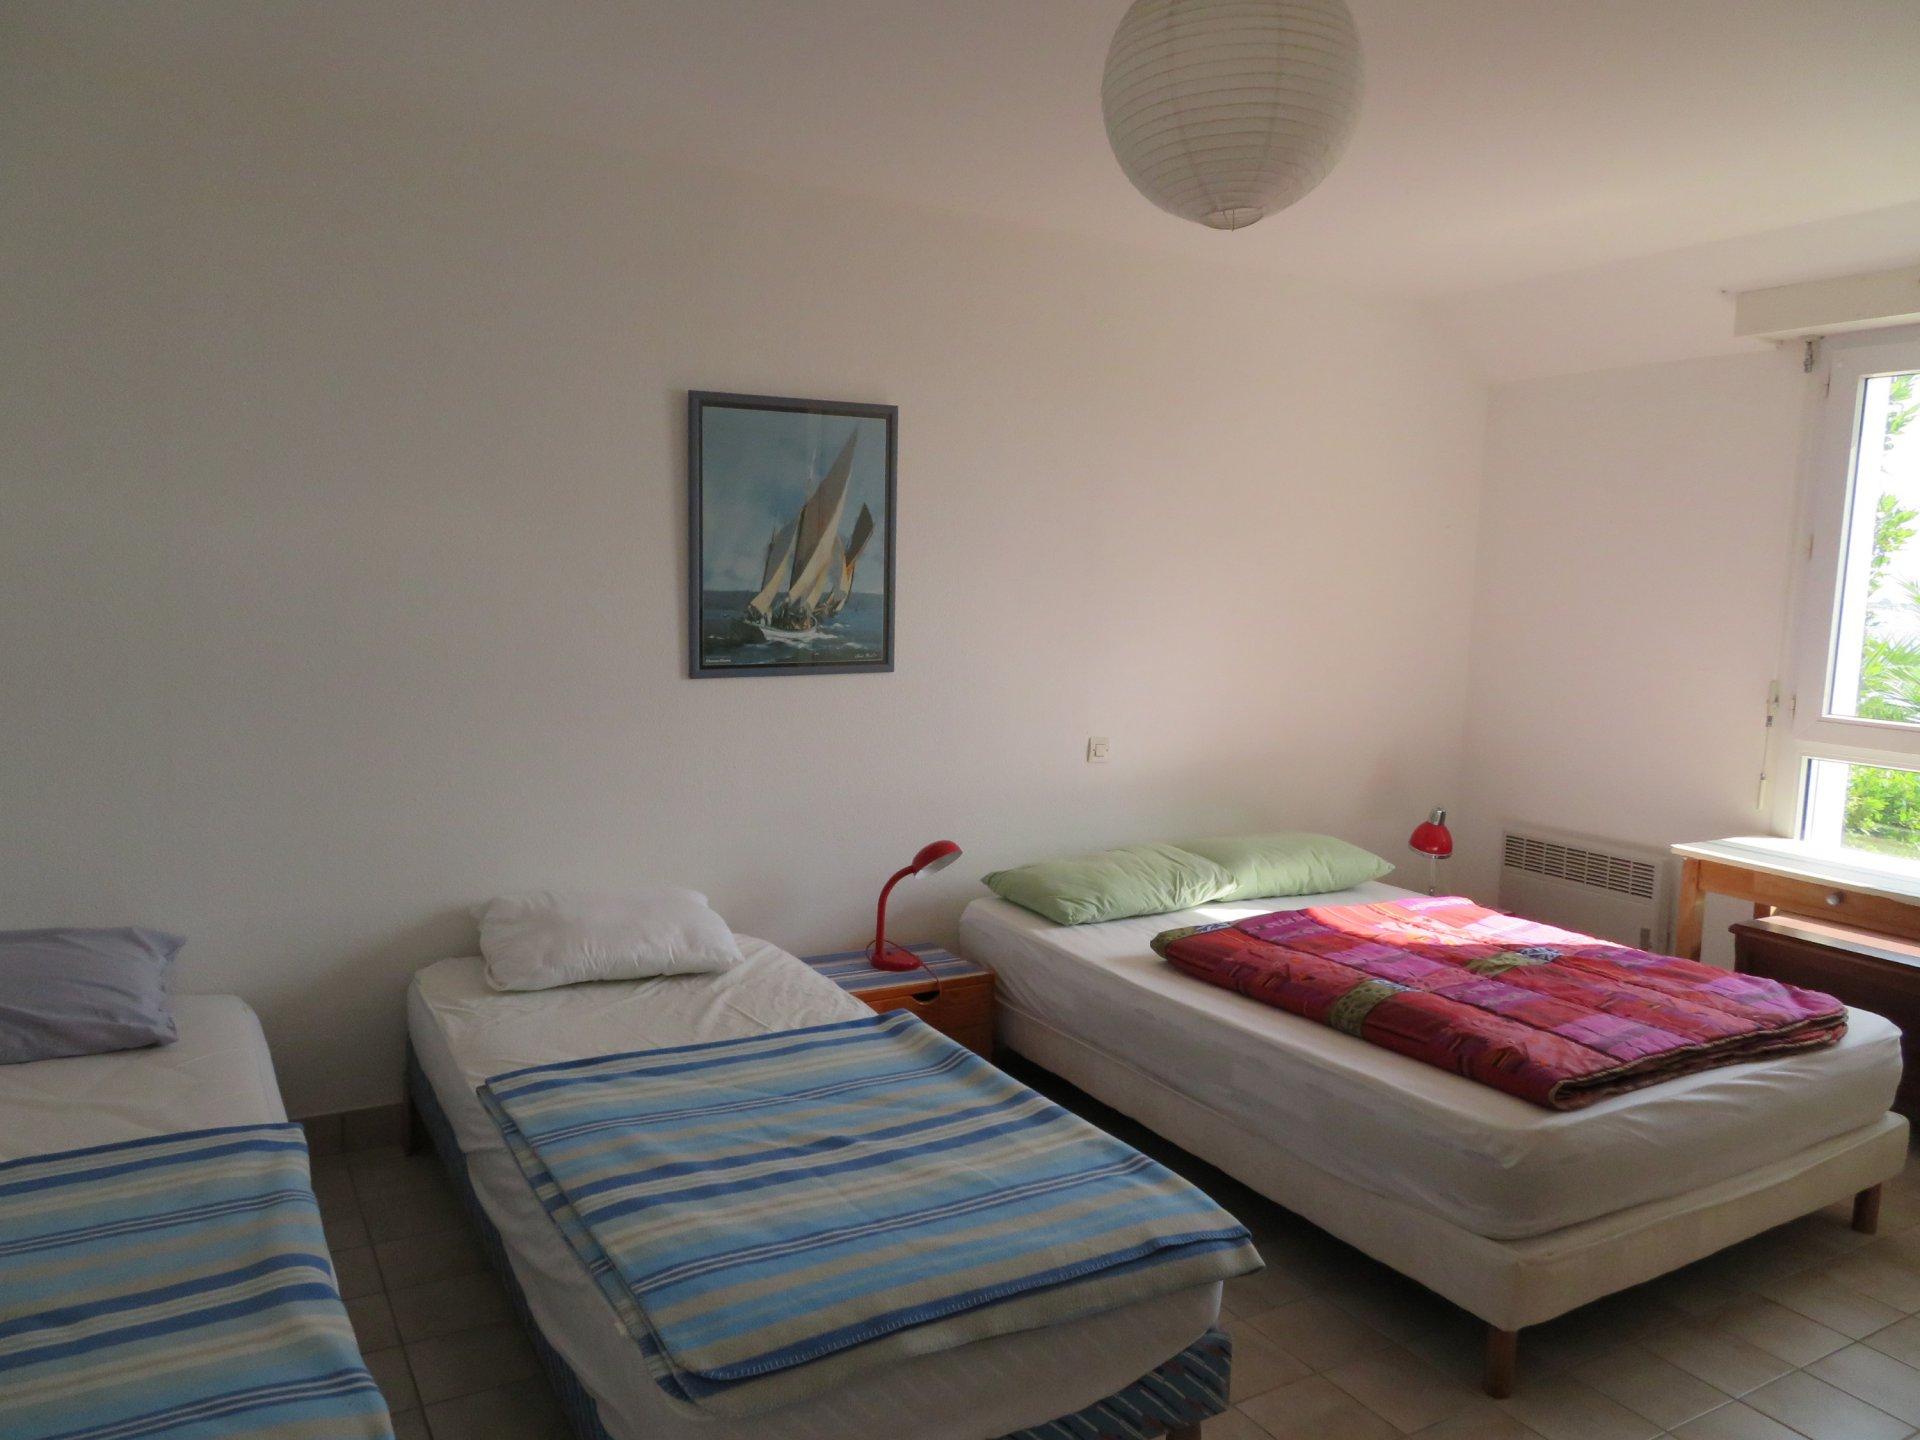 Maison à louer à Damgan Appartement avec accès direct à la mer